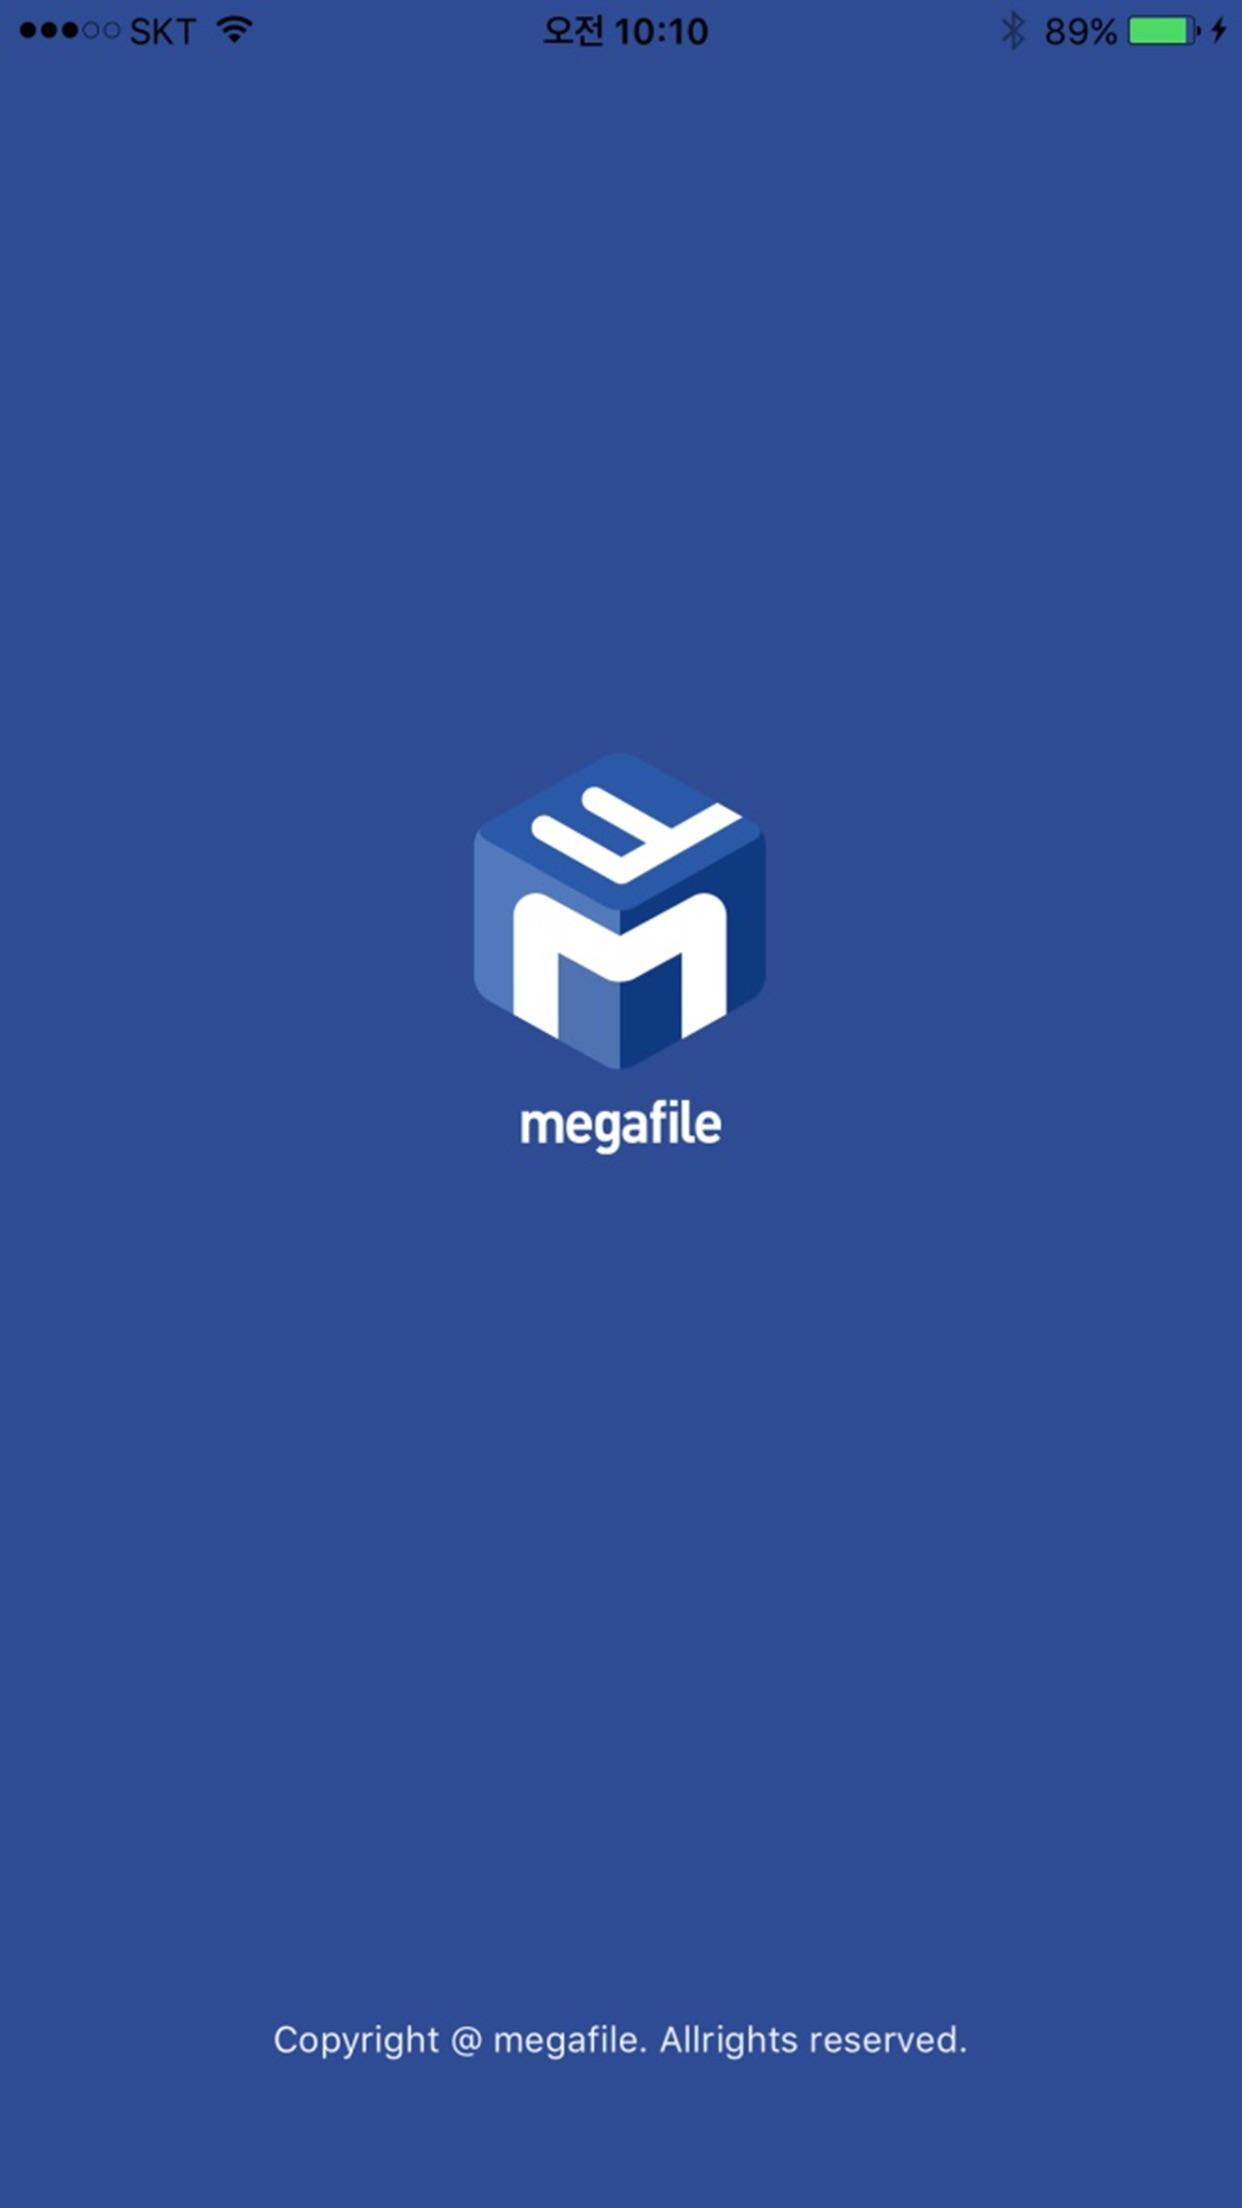 메가파일 (Megafile) - 다운로드 전용 Screenshot